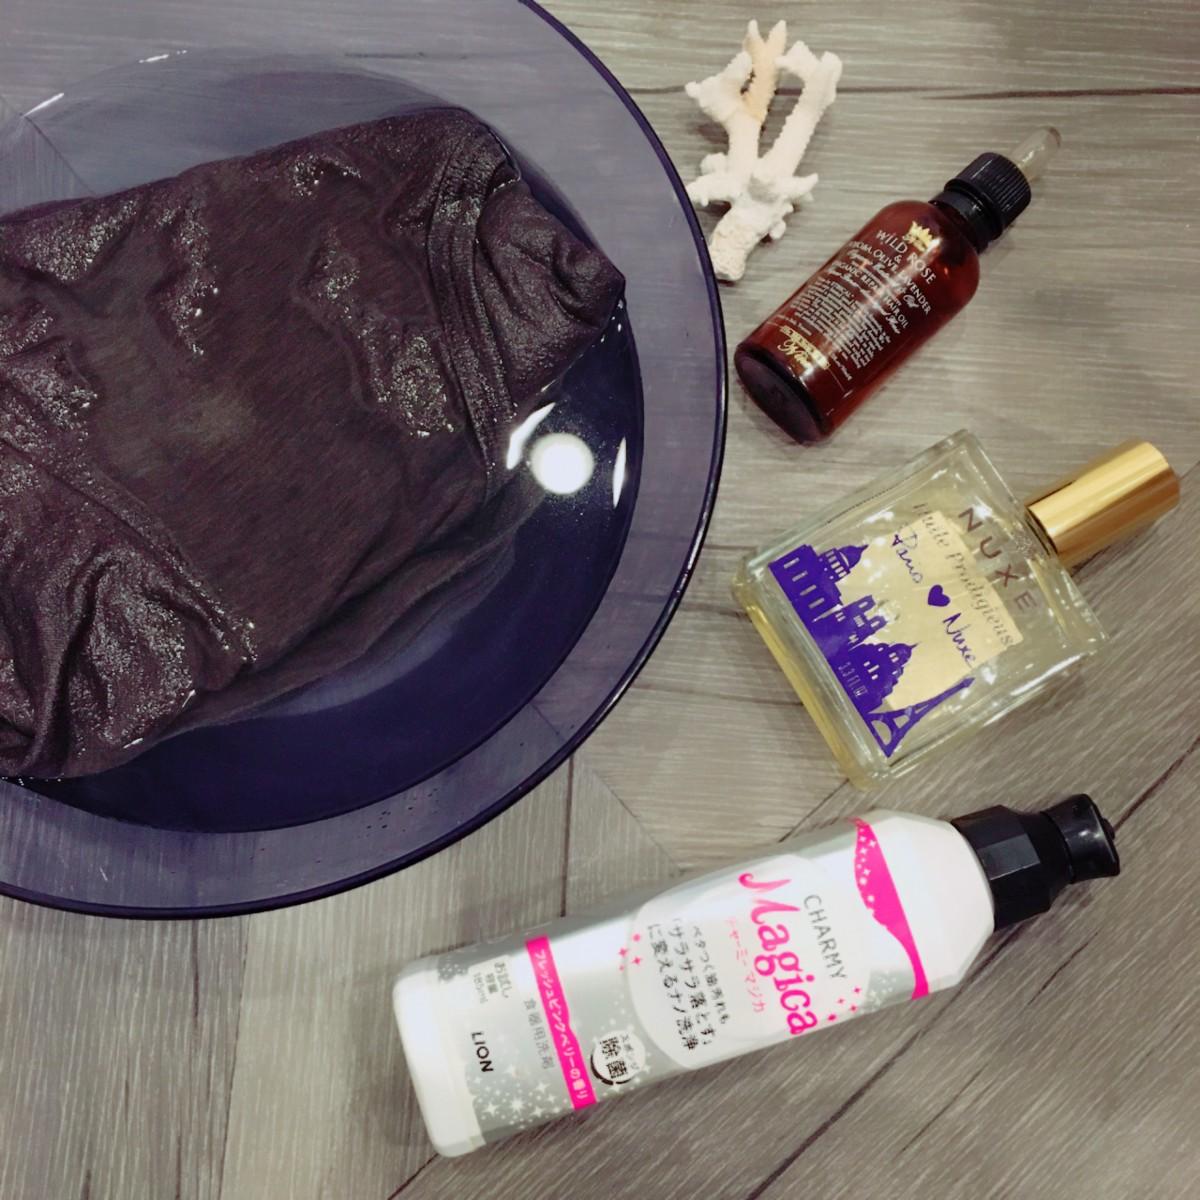 オイル美容の落とし穴!服やシーツについてしまった油の酸化臭を落とす方法